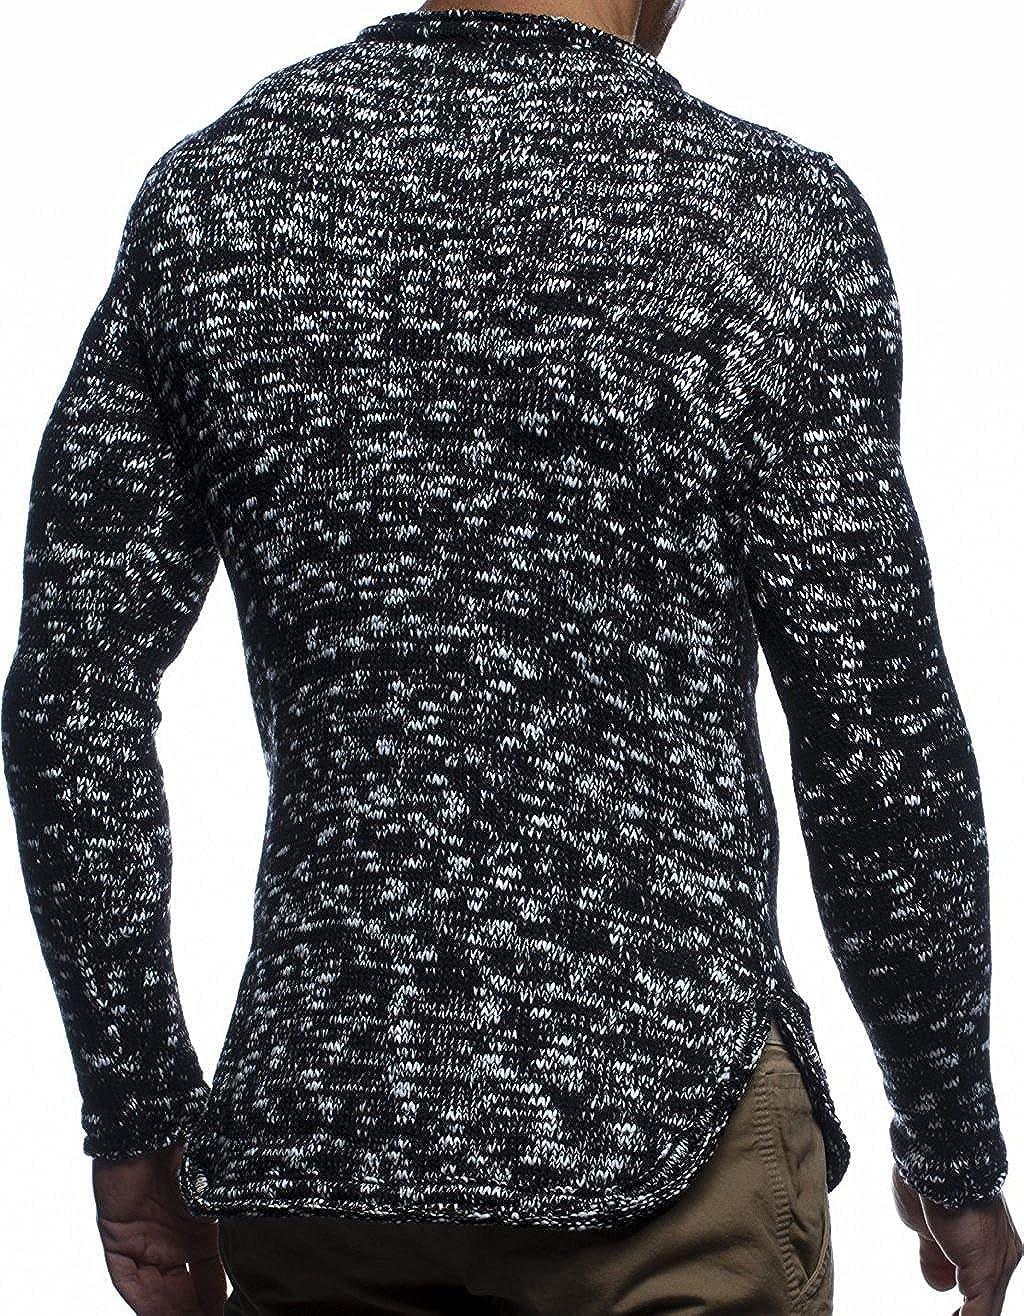 LN20723 Moderner schwarzer M/änner Pulli Sweatshirt Langarm Crew Neck LEIF NELSON Herren Strick-Pullover Rundhals-Ausschnitt Slim Fit Winter Sommer Hoodie-Wollpullover